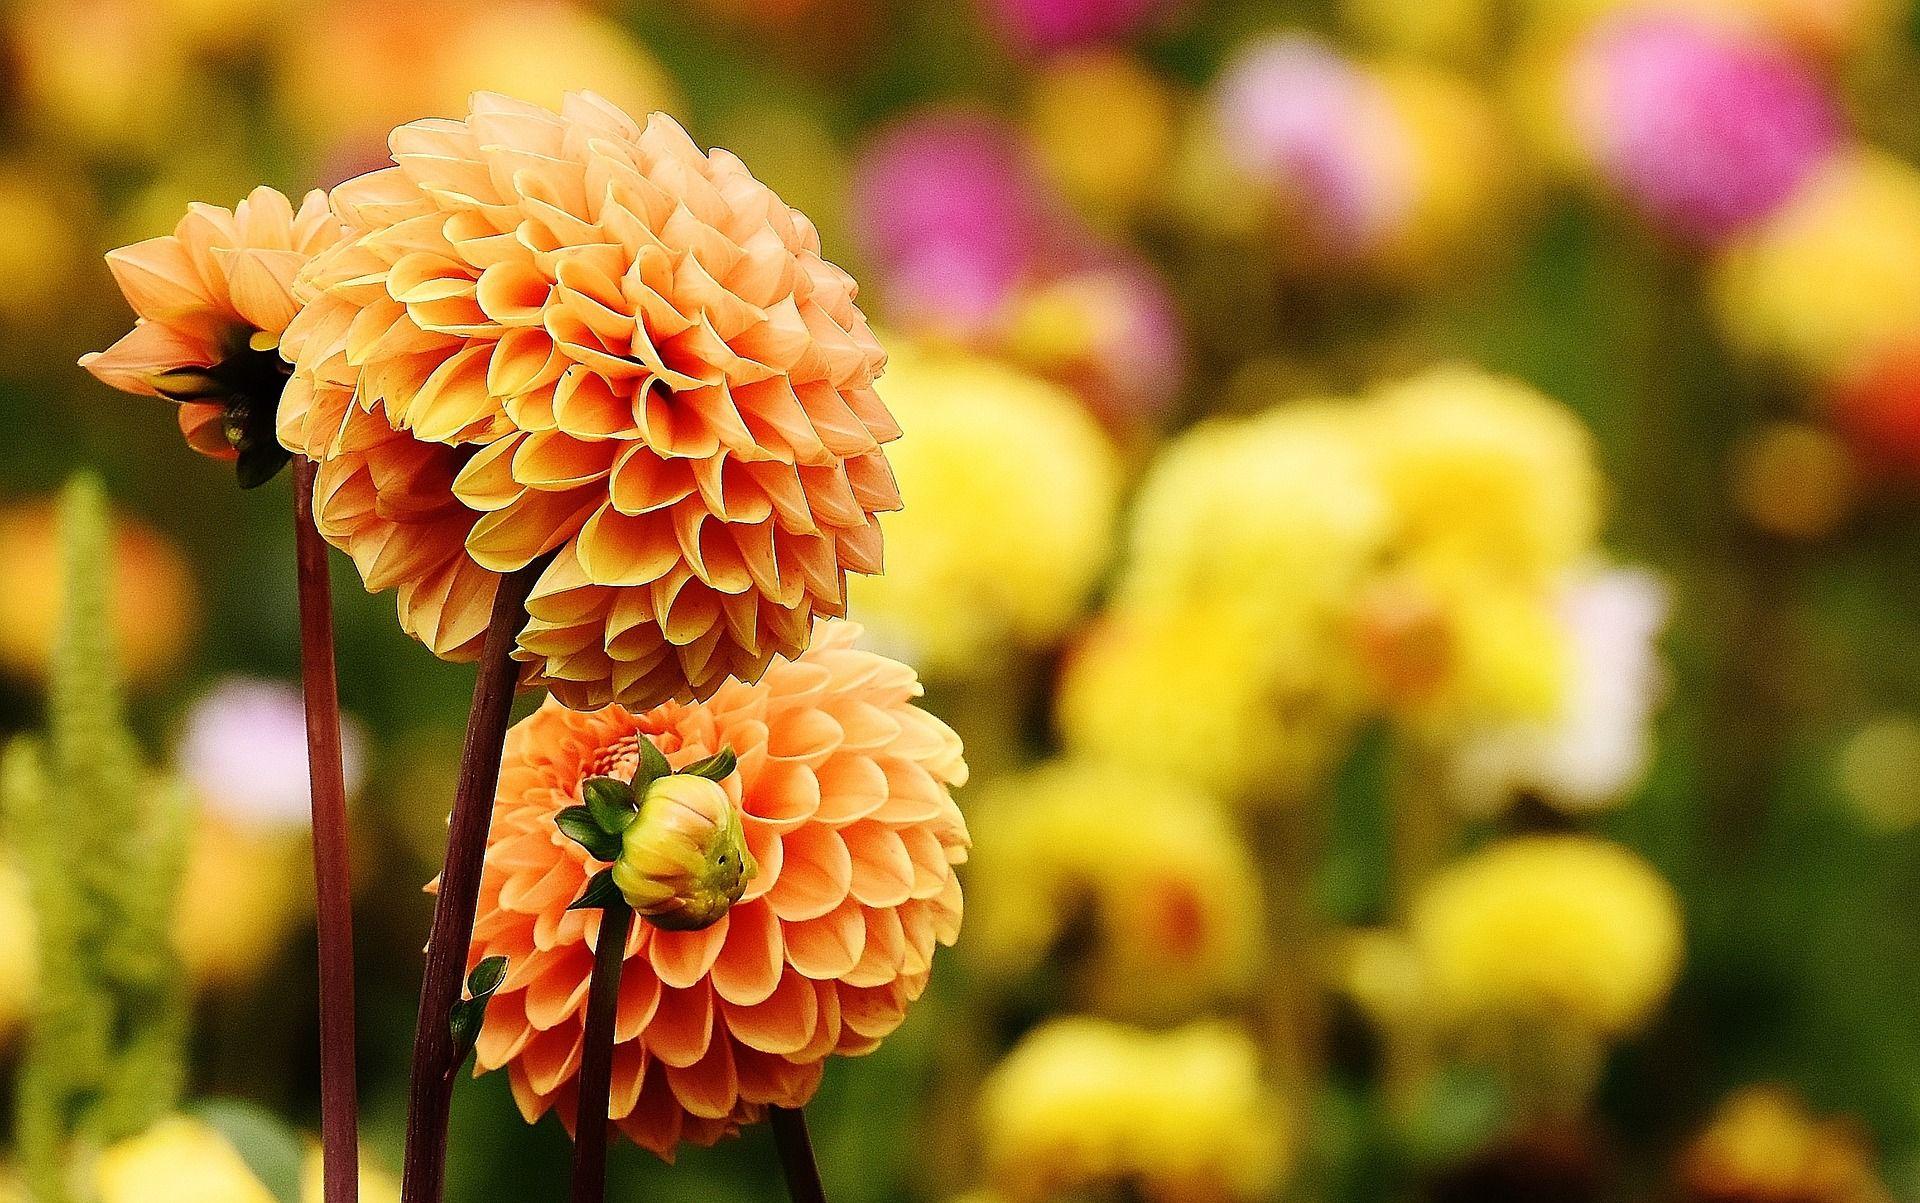 Najpiekniejsze Kwiaty Dalia Dalie Jesien Kwiaty Ogrod Pomysly Inspiracje Jesienne Kwiat Do Dahlia Flower Garden Good Morning Flowers Growing Dahlias